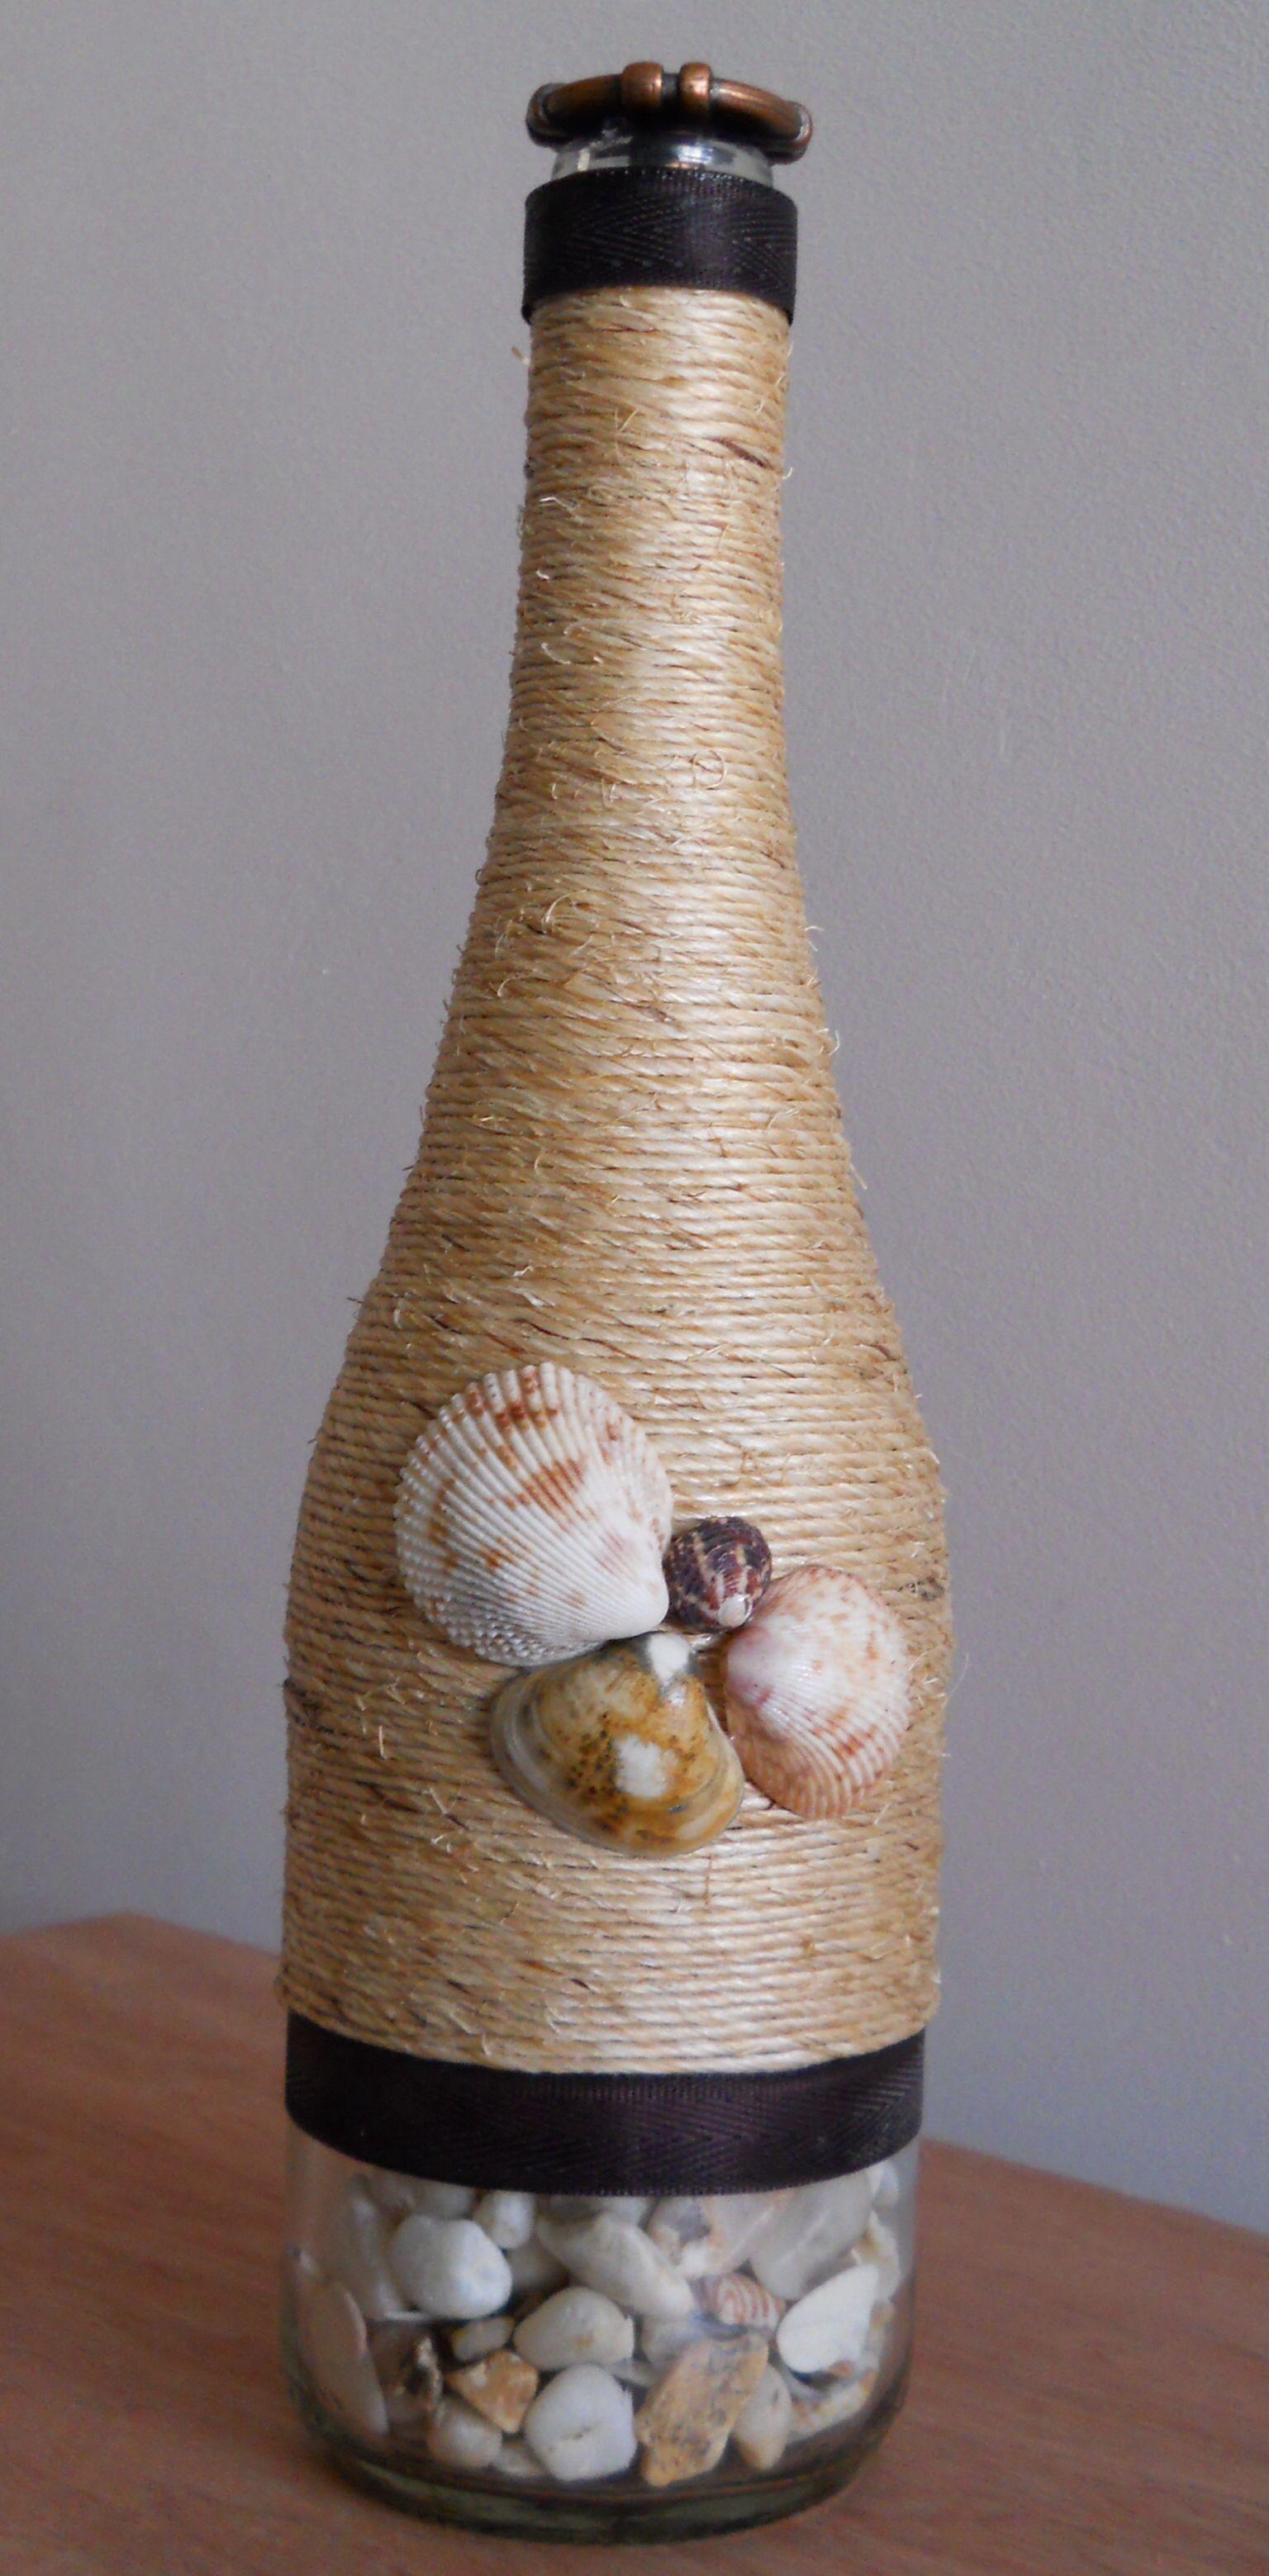 Botellas decoradas mecatillo piedritas cinta decorativa - Botellas de plastico decoradas ...